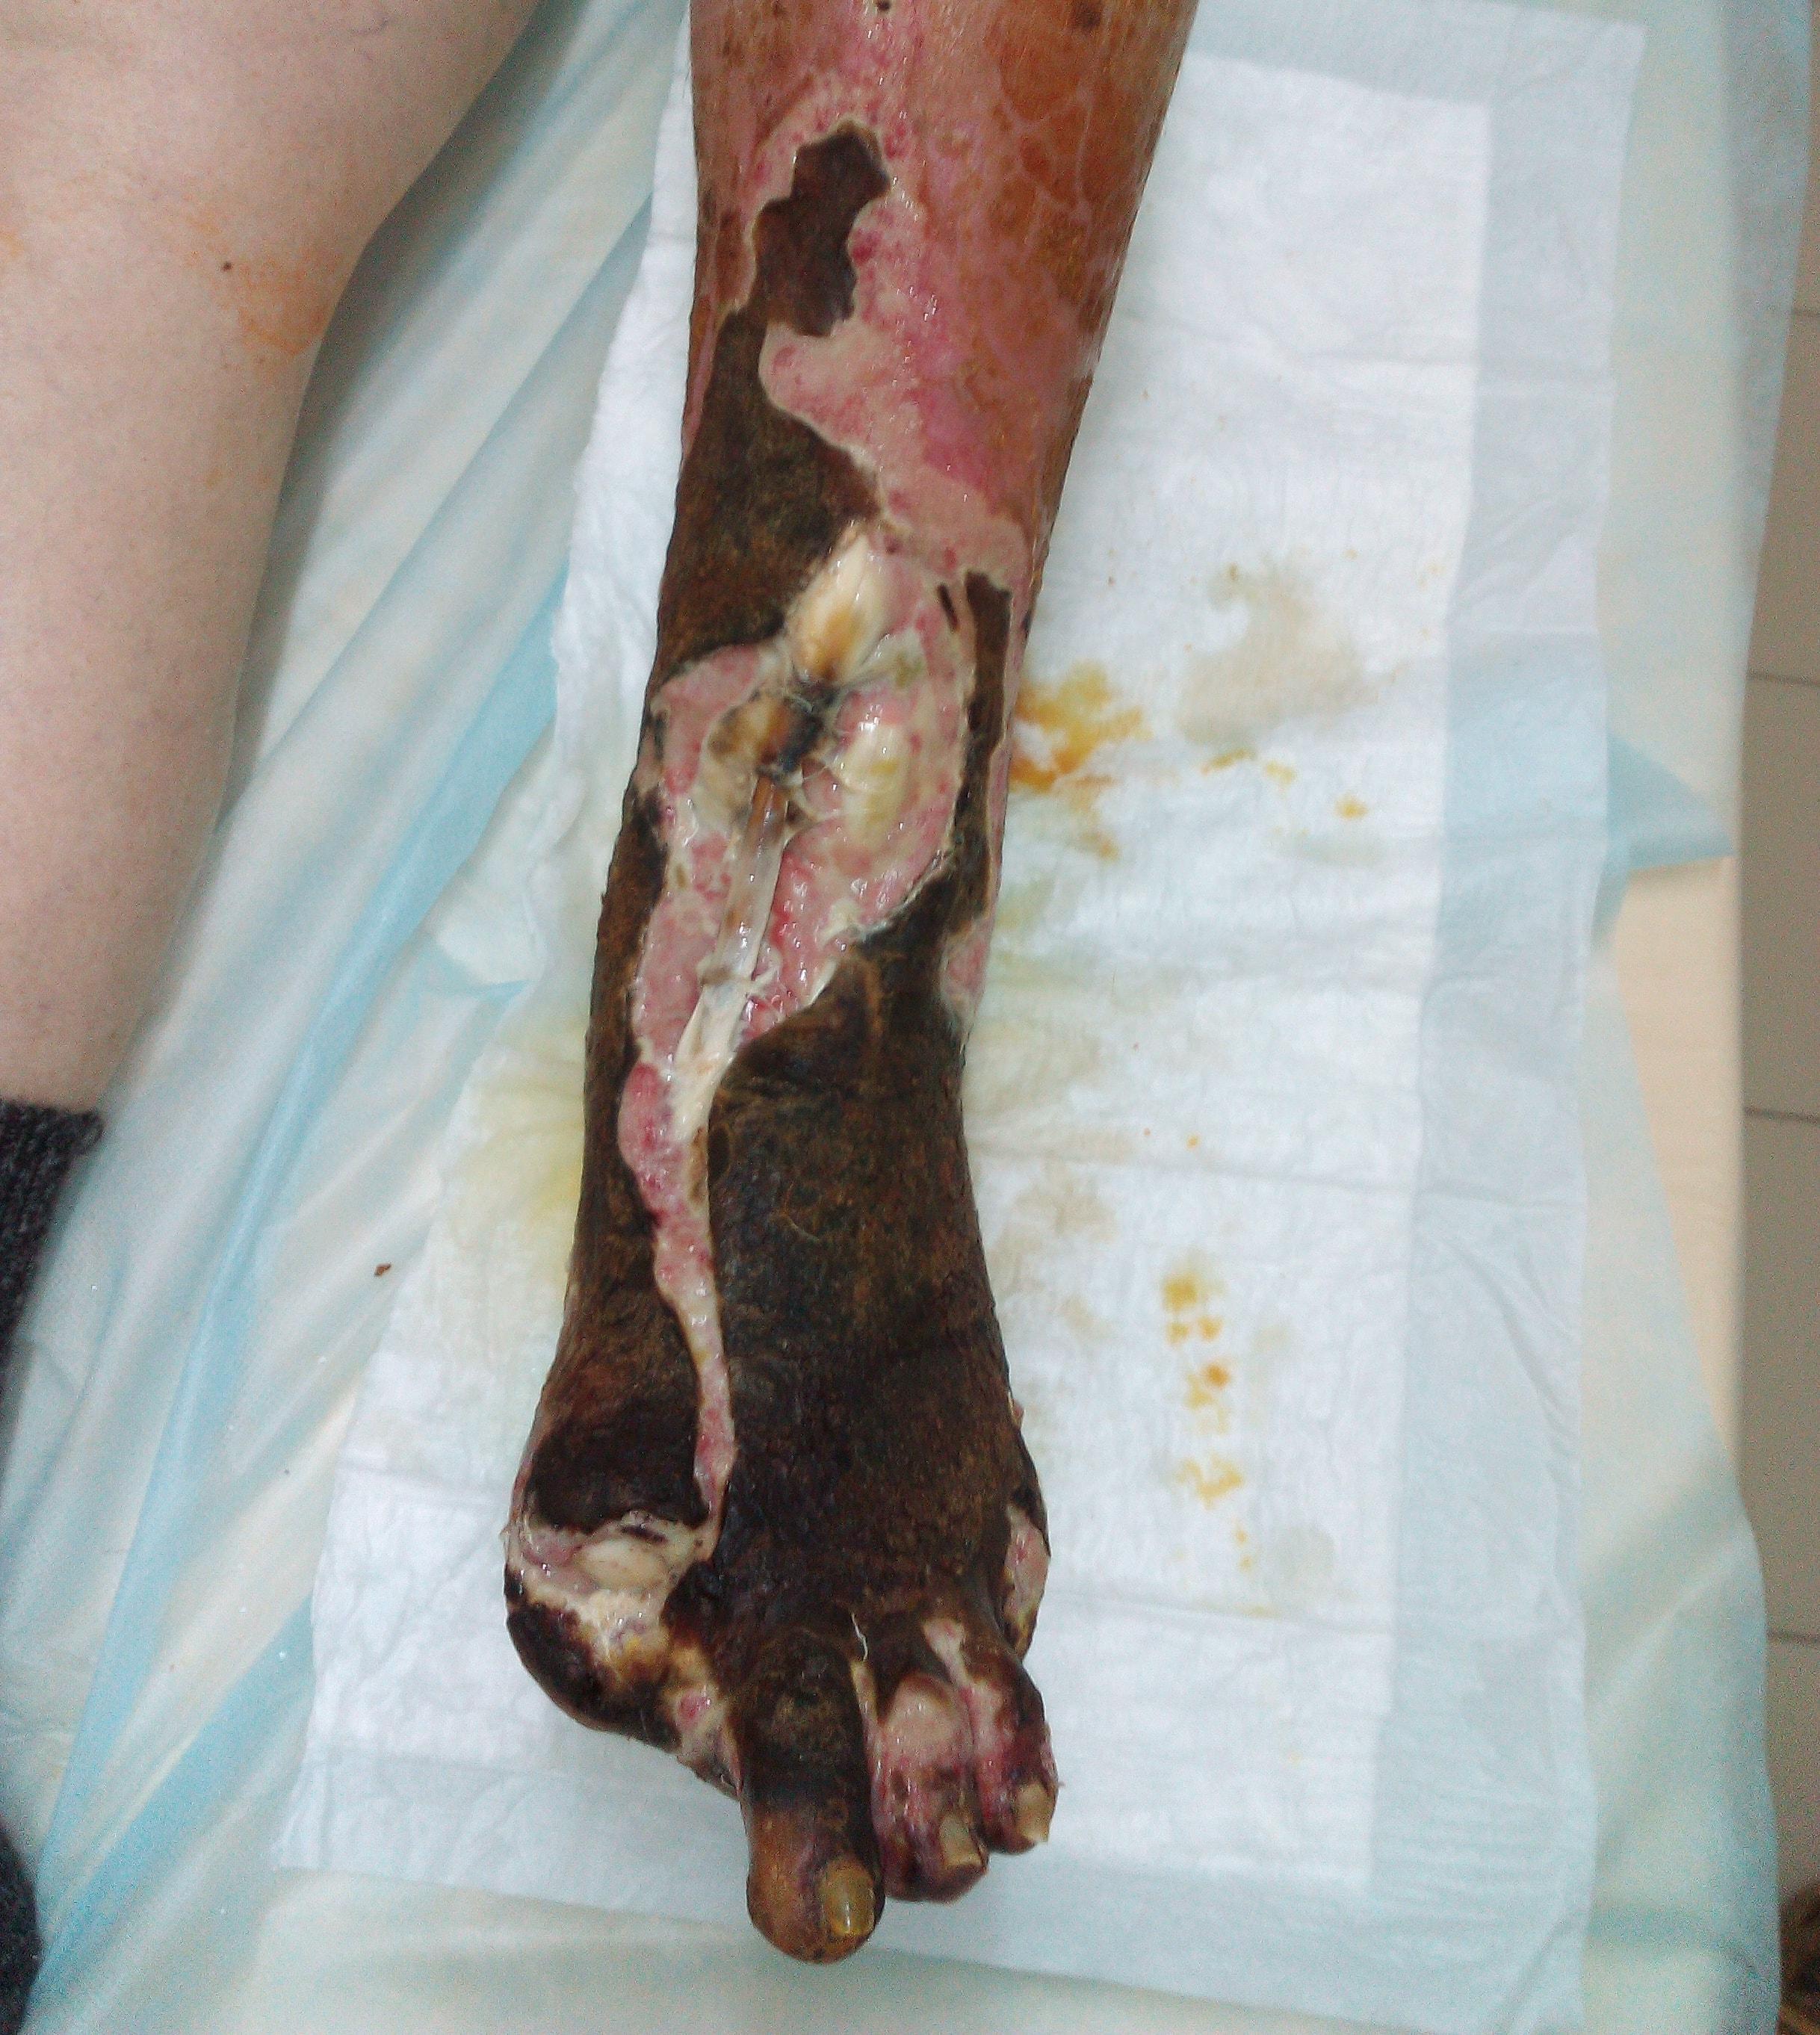 Язвы в области г стопного сустава повреждение большеберцовых связок голеностопного сустава